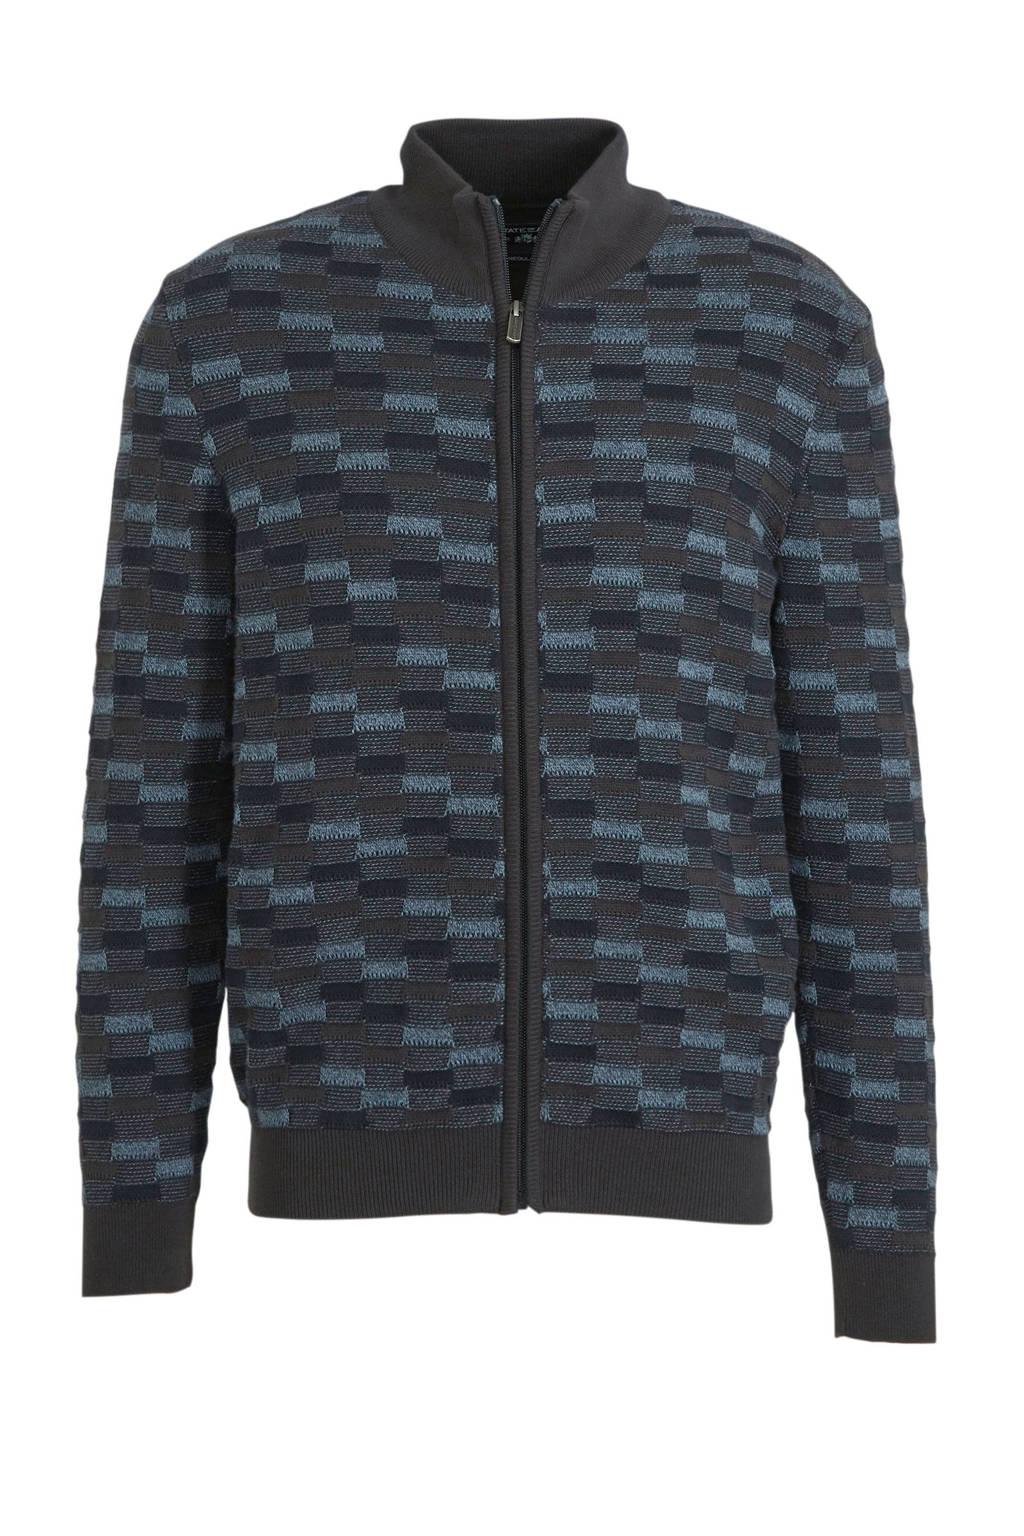 State of Art gebreid vest met all over print donkergrijs/blauw, Donkergrijs/blauw